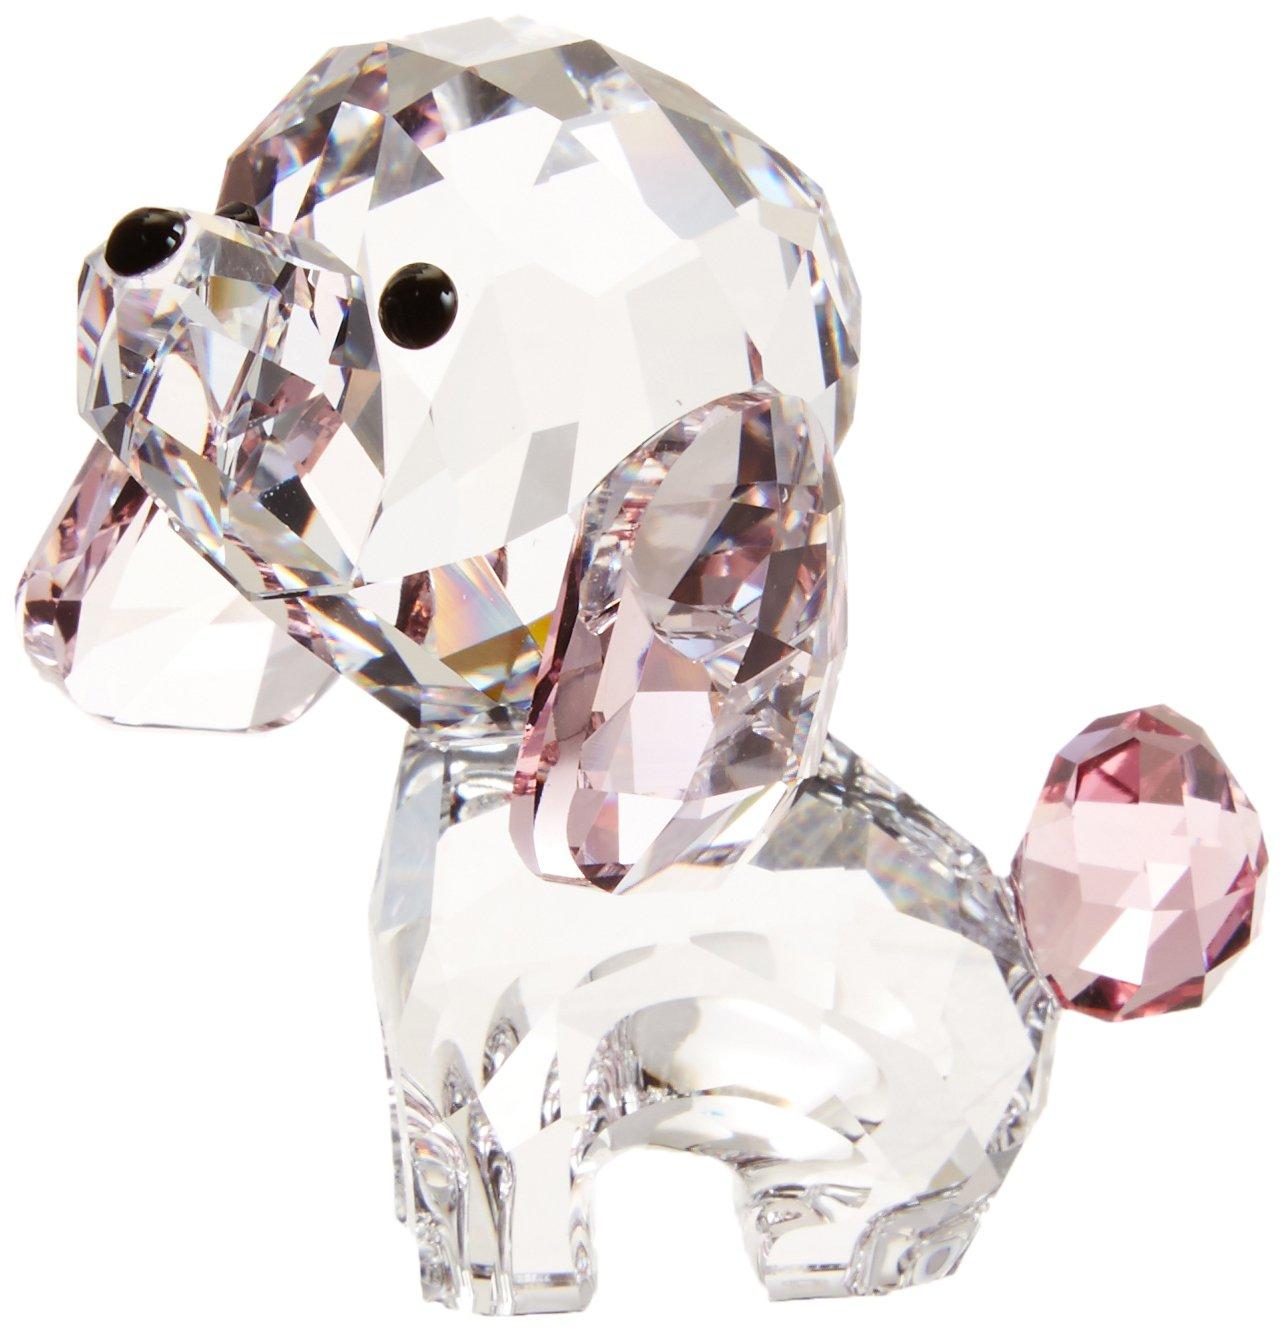 Swarovski Welpen – Rosie der Pudel, Kristall, Mehrfarbig, 4.8 x 3.8 x 2.7 cm